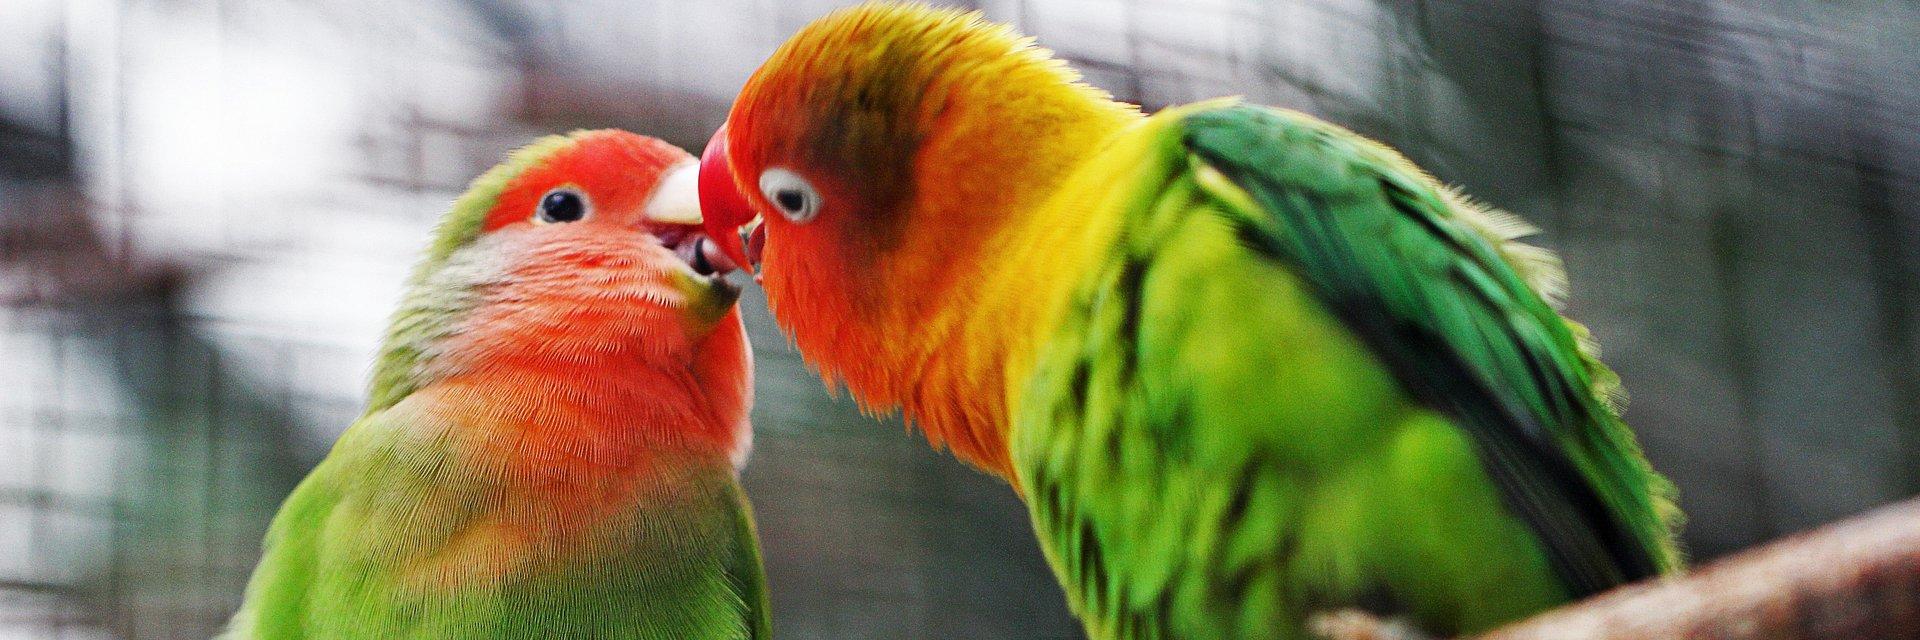 Walentynki - miłość wśród ptaków